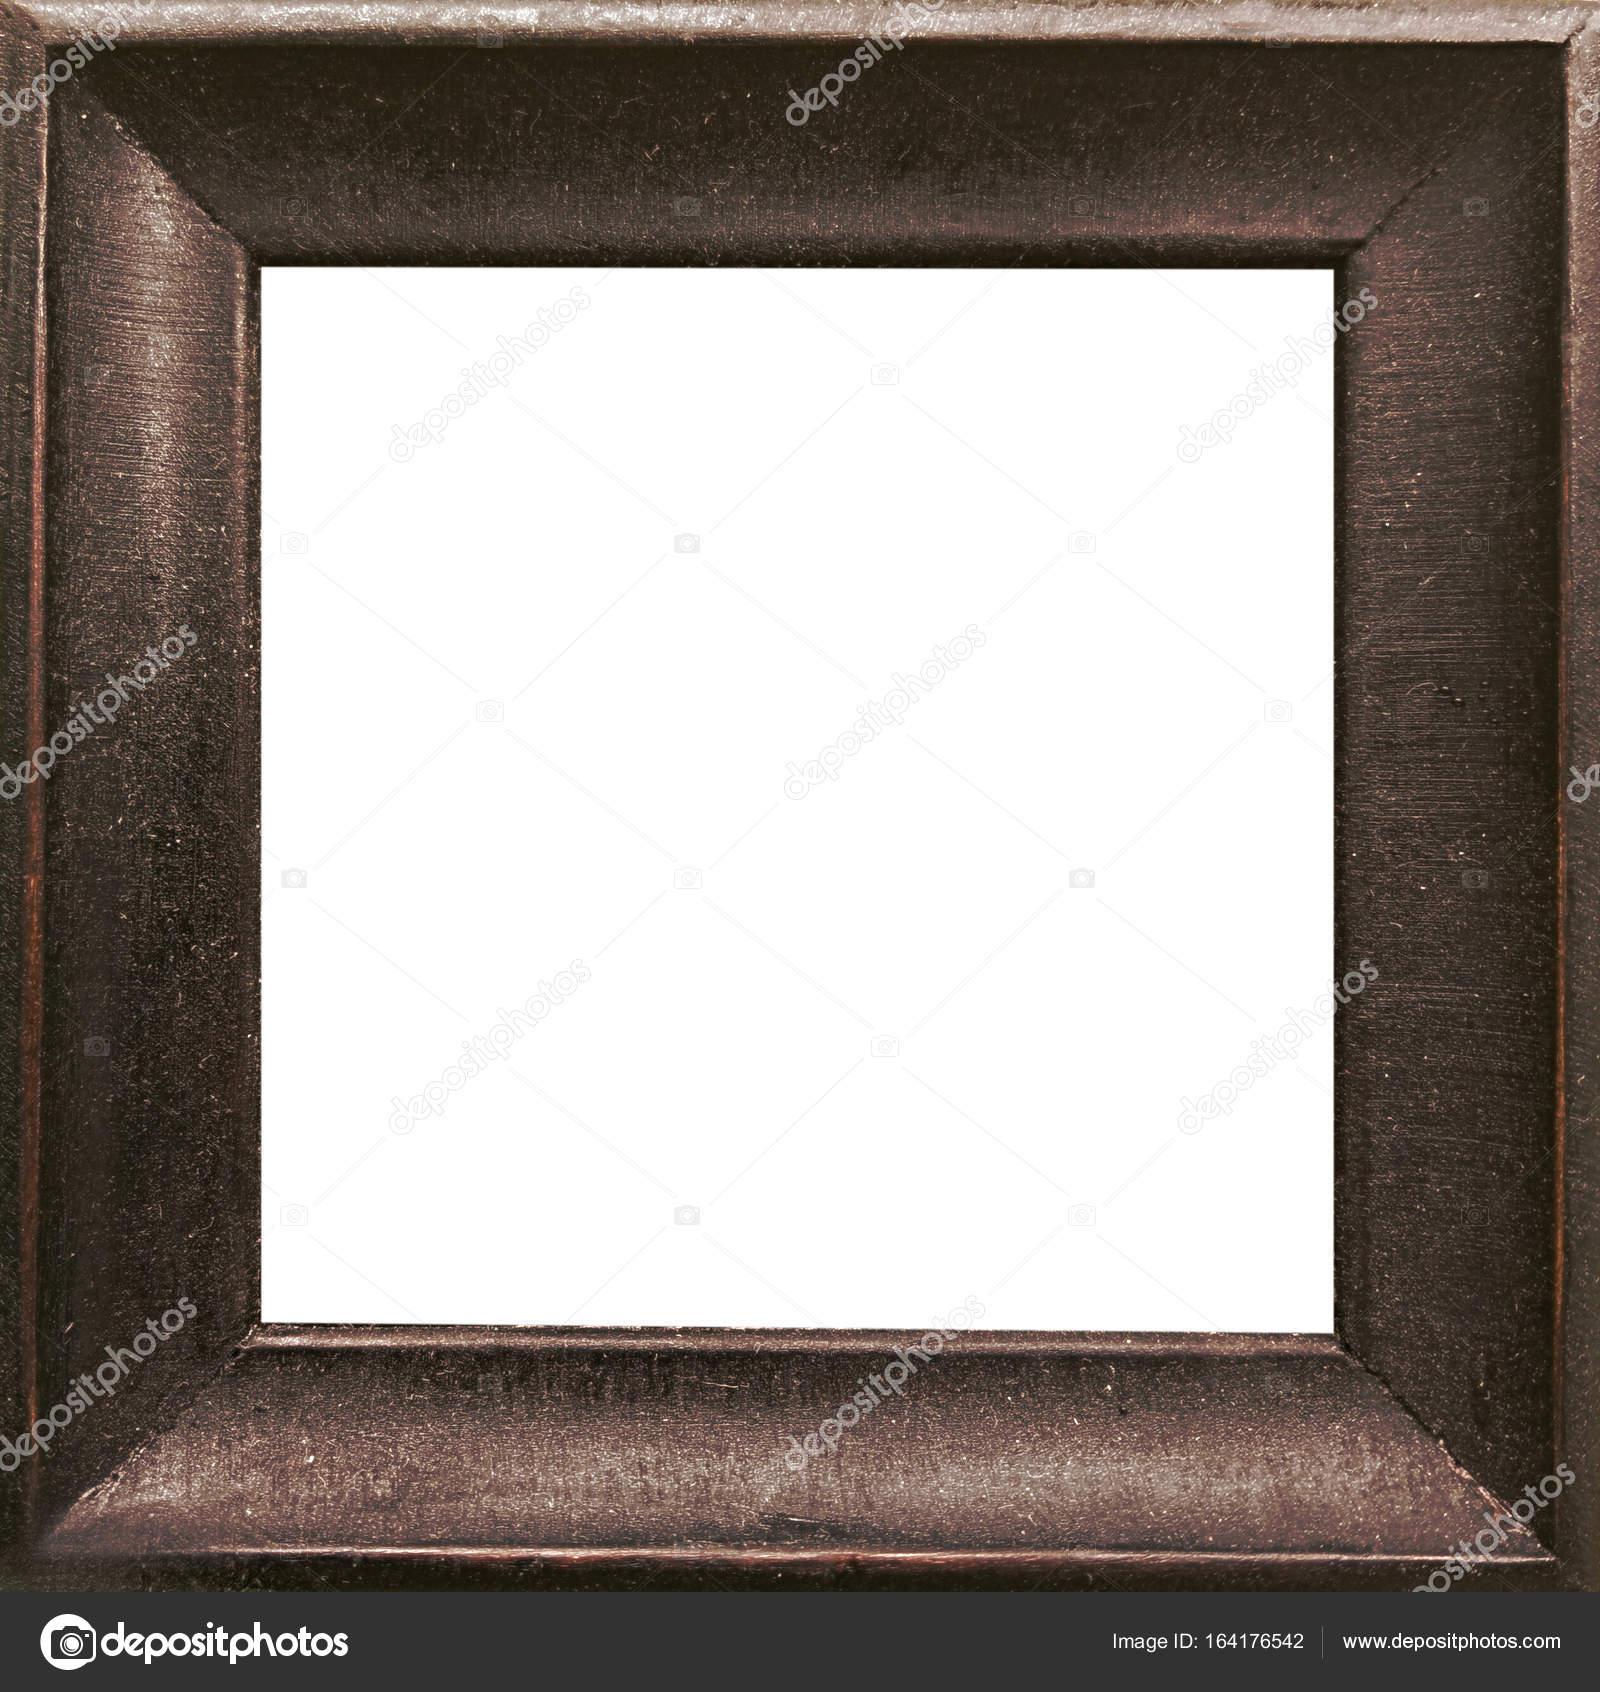 Antiguo grunge marrón rústico marco de madera — Foto de stock ...